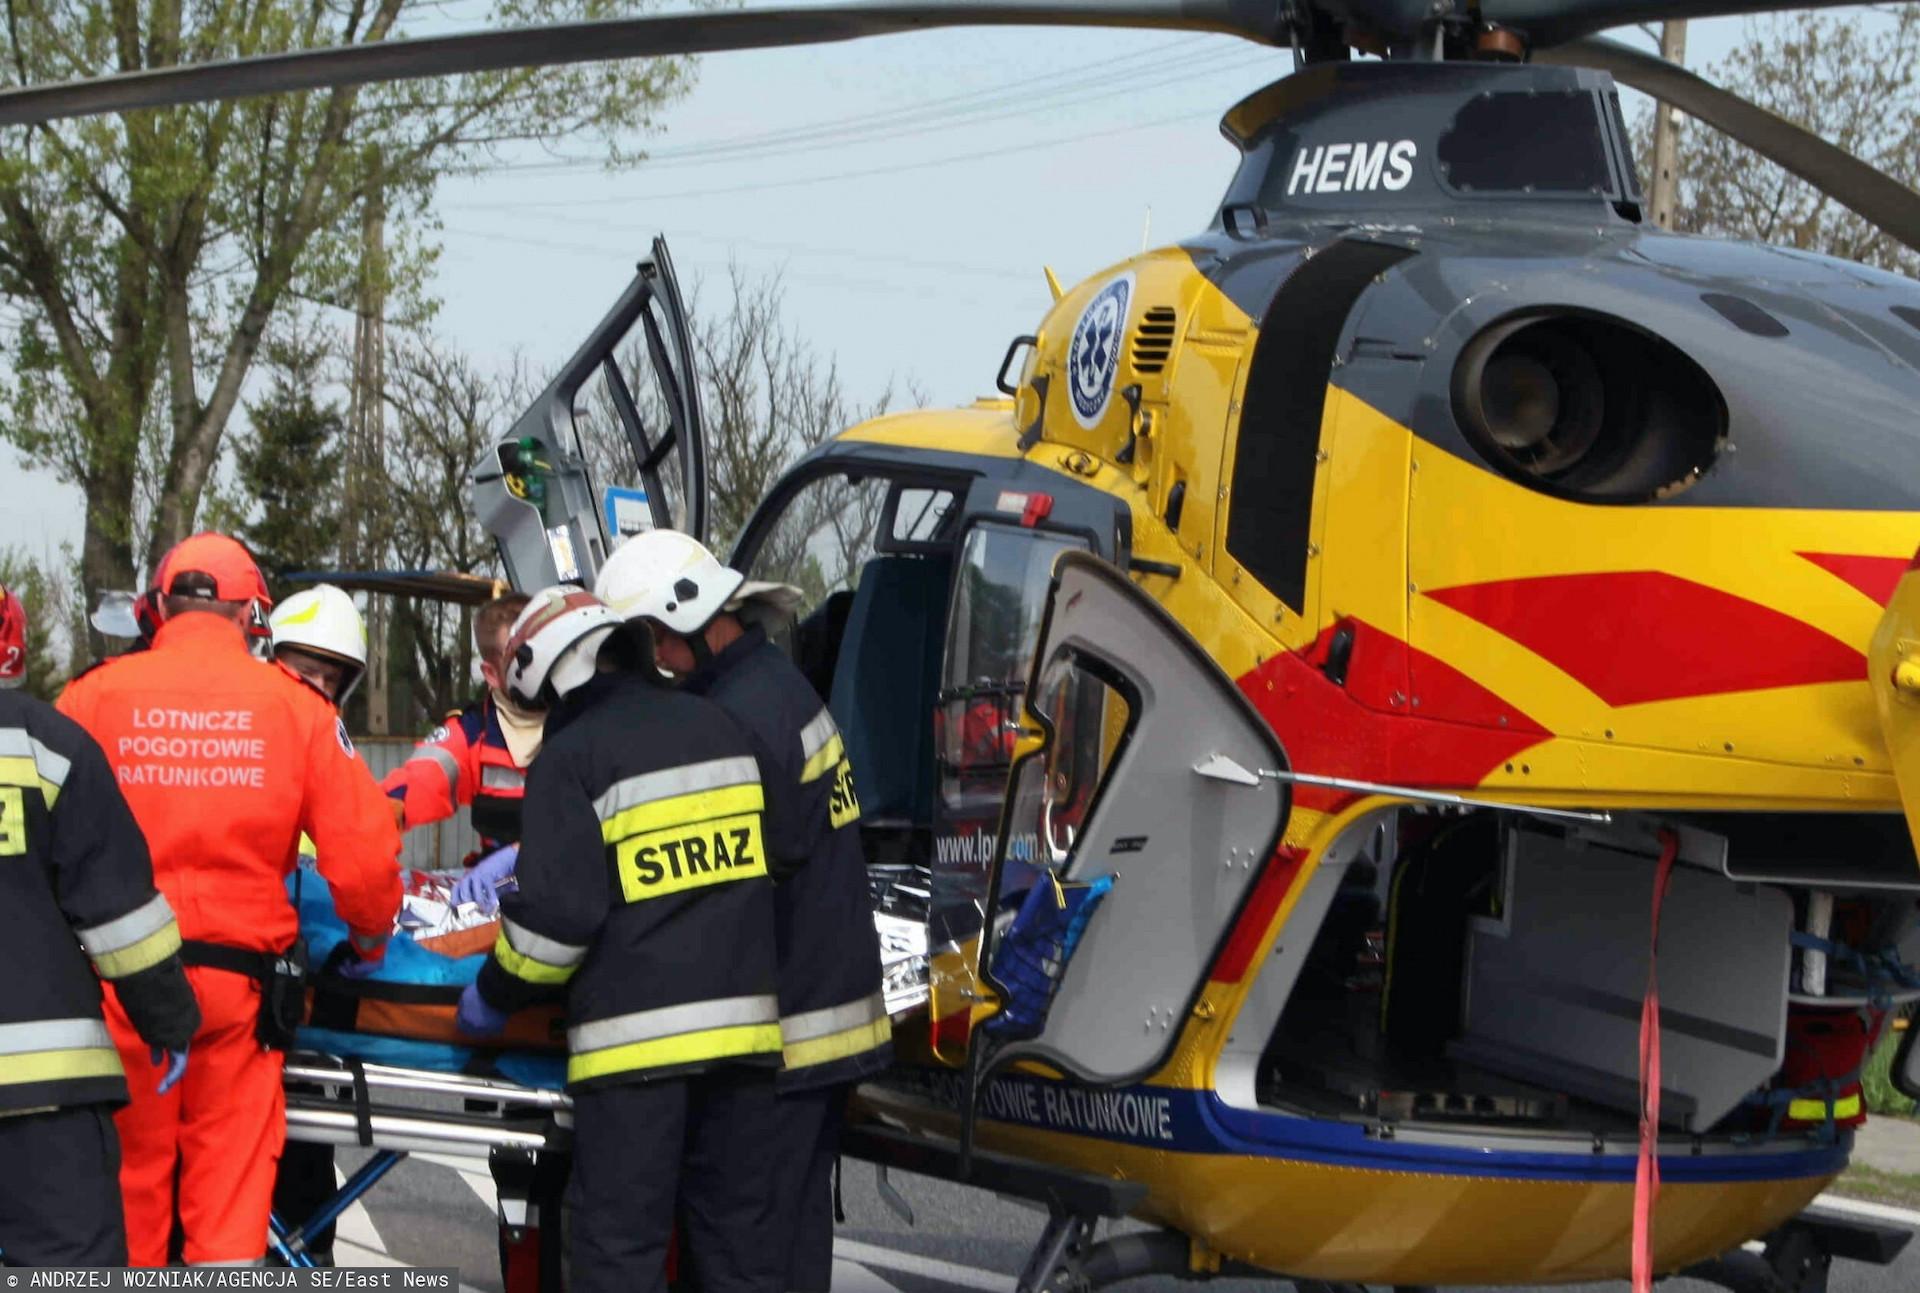 W okolicach Zielonej Góry doszło do zderzenia busa przewożącego dzieci z pojazdem wojskowym